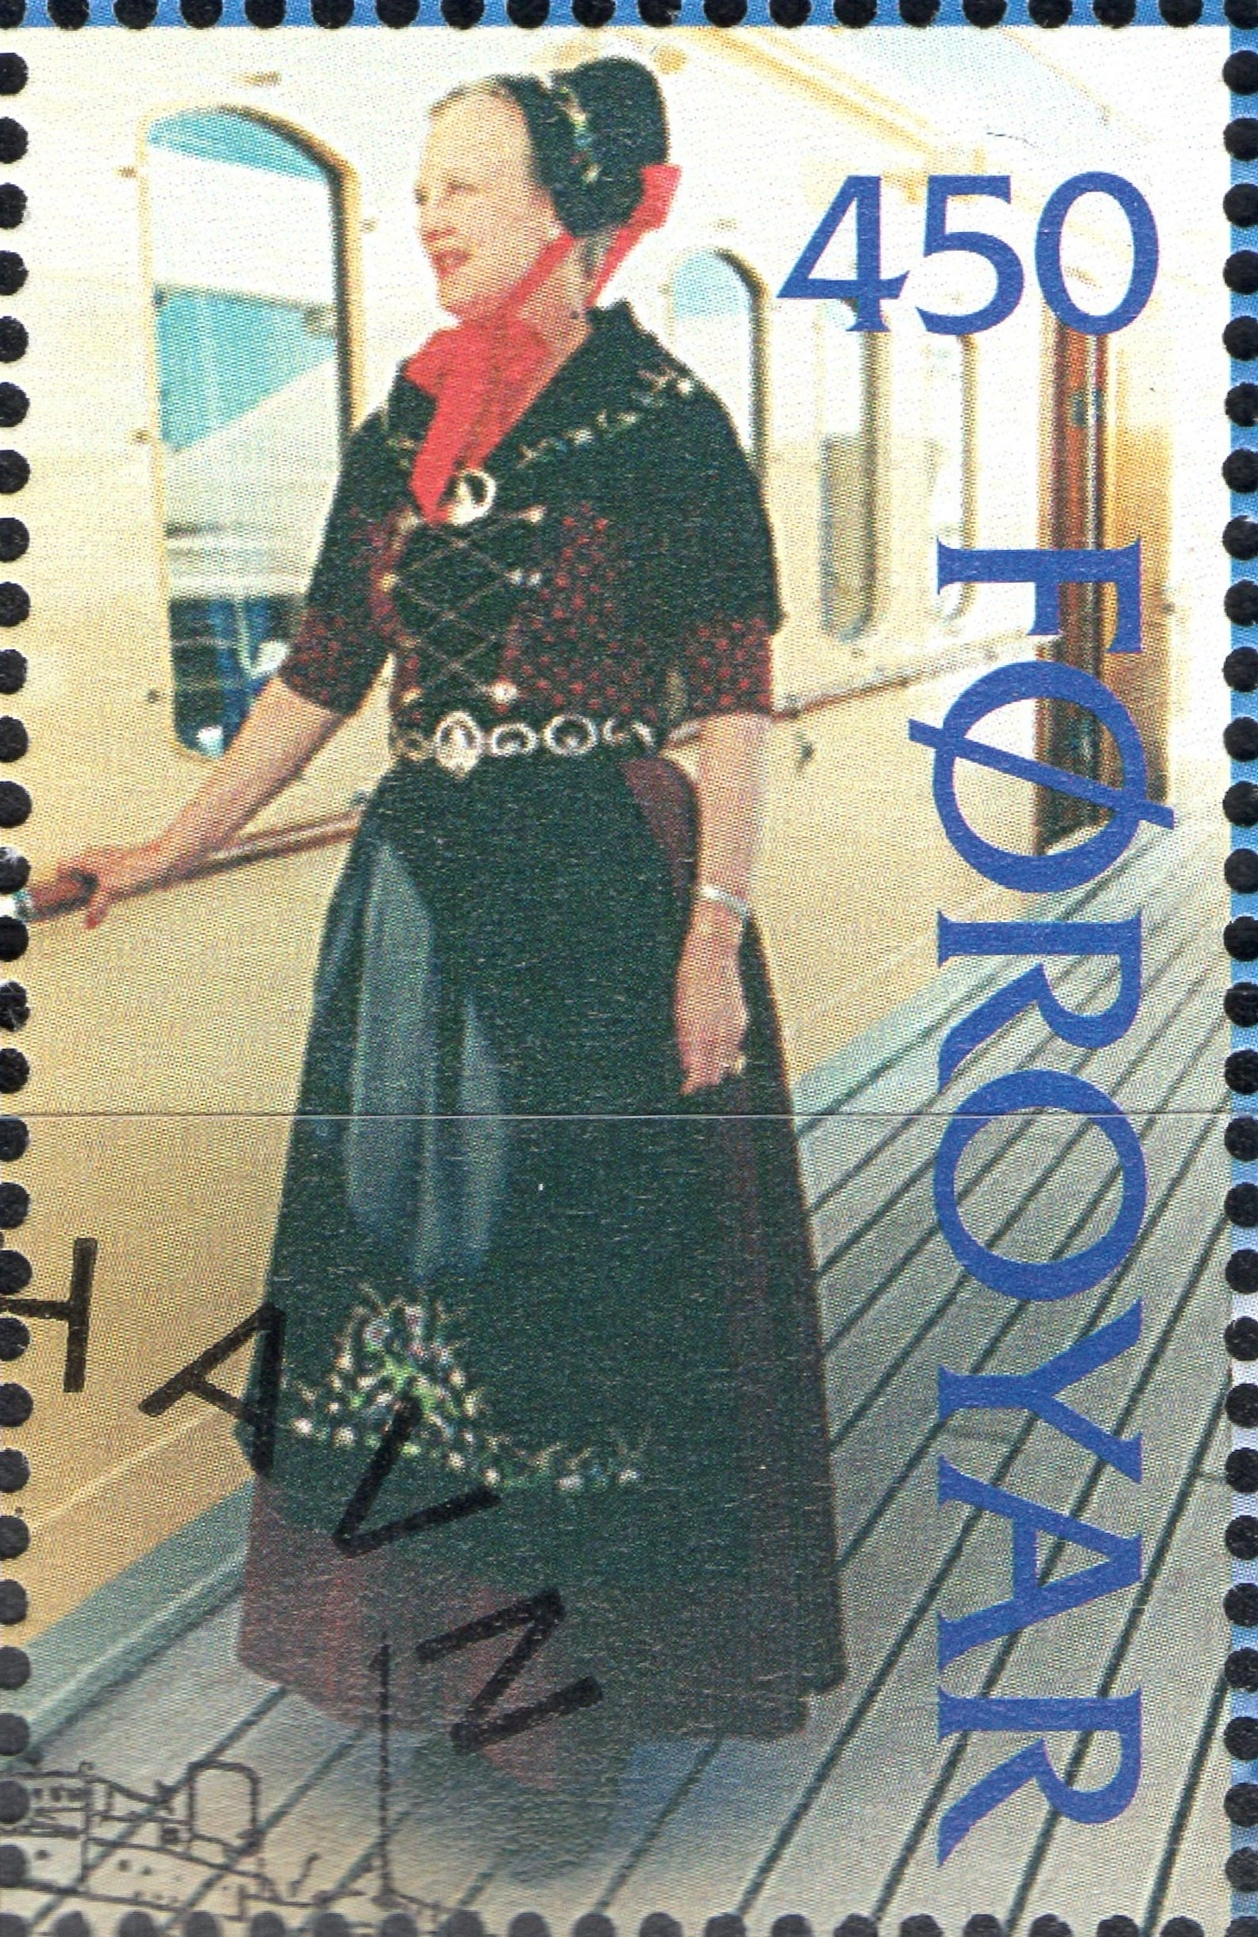 Faroe Islands - Scott #312 (1997) digitally cropped from souvenir sheet